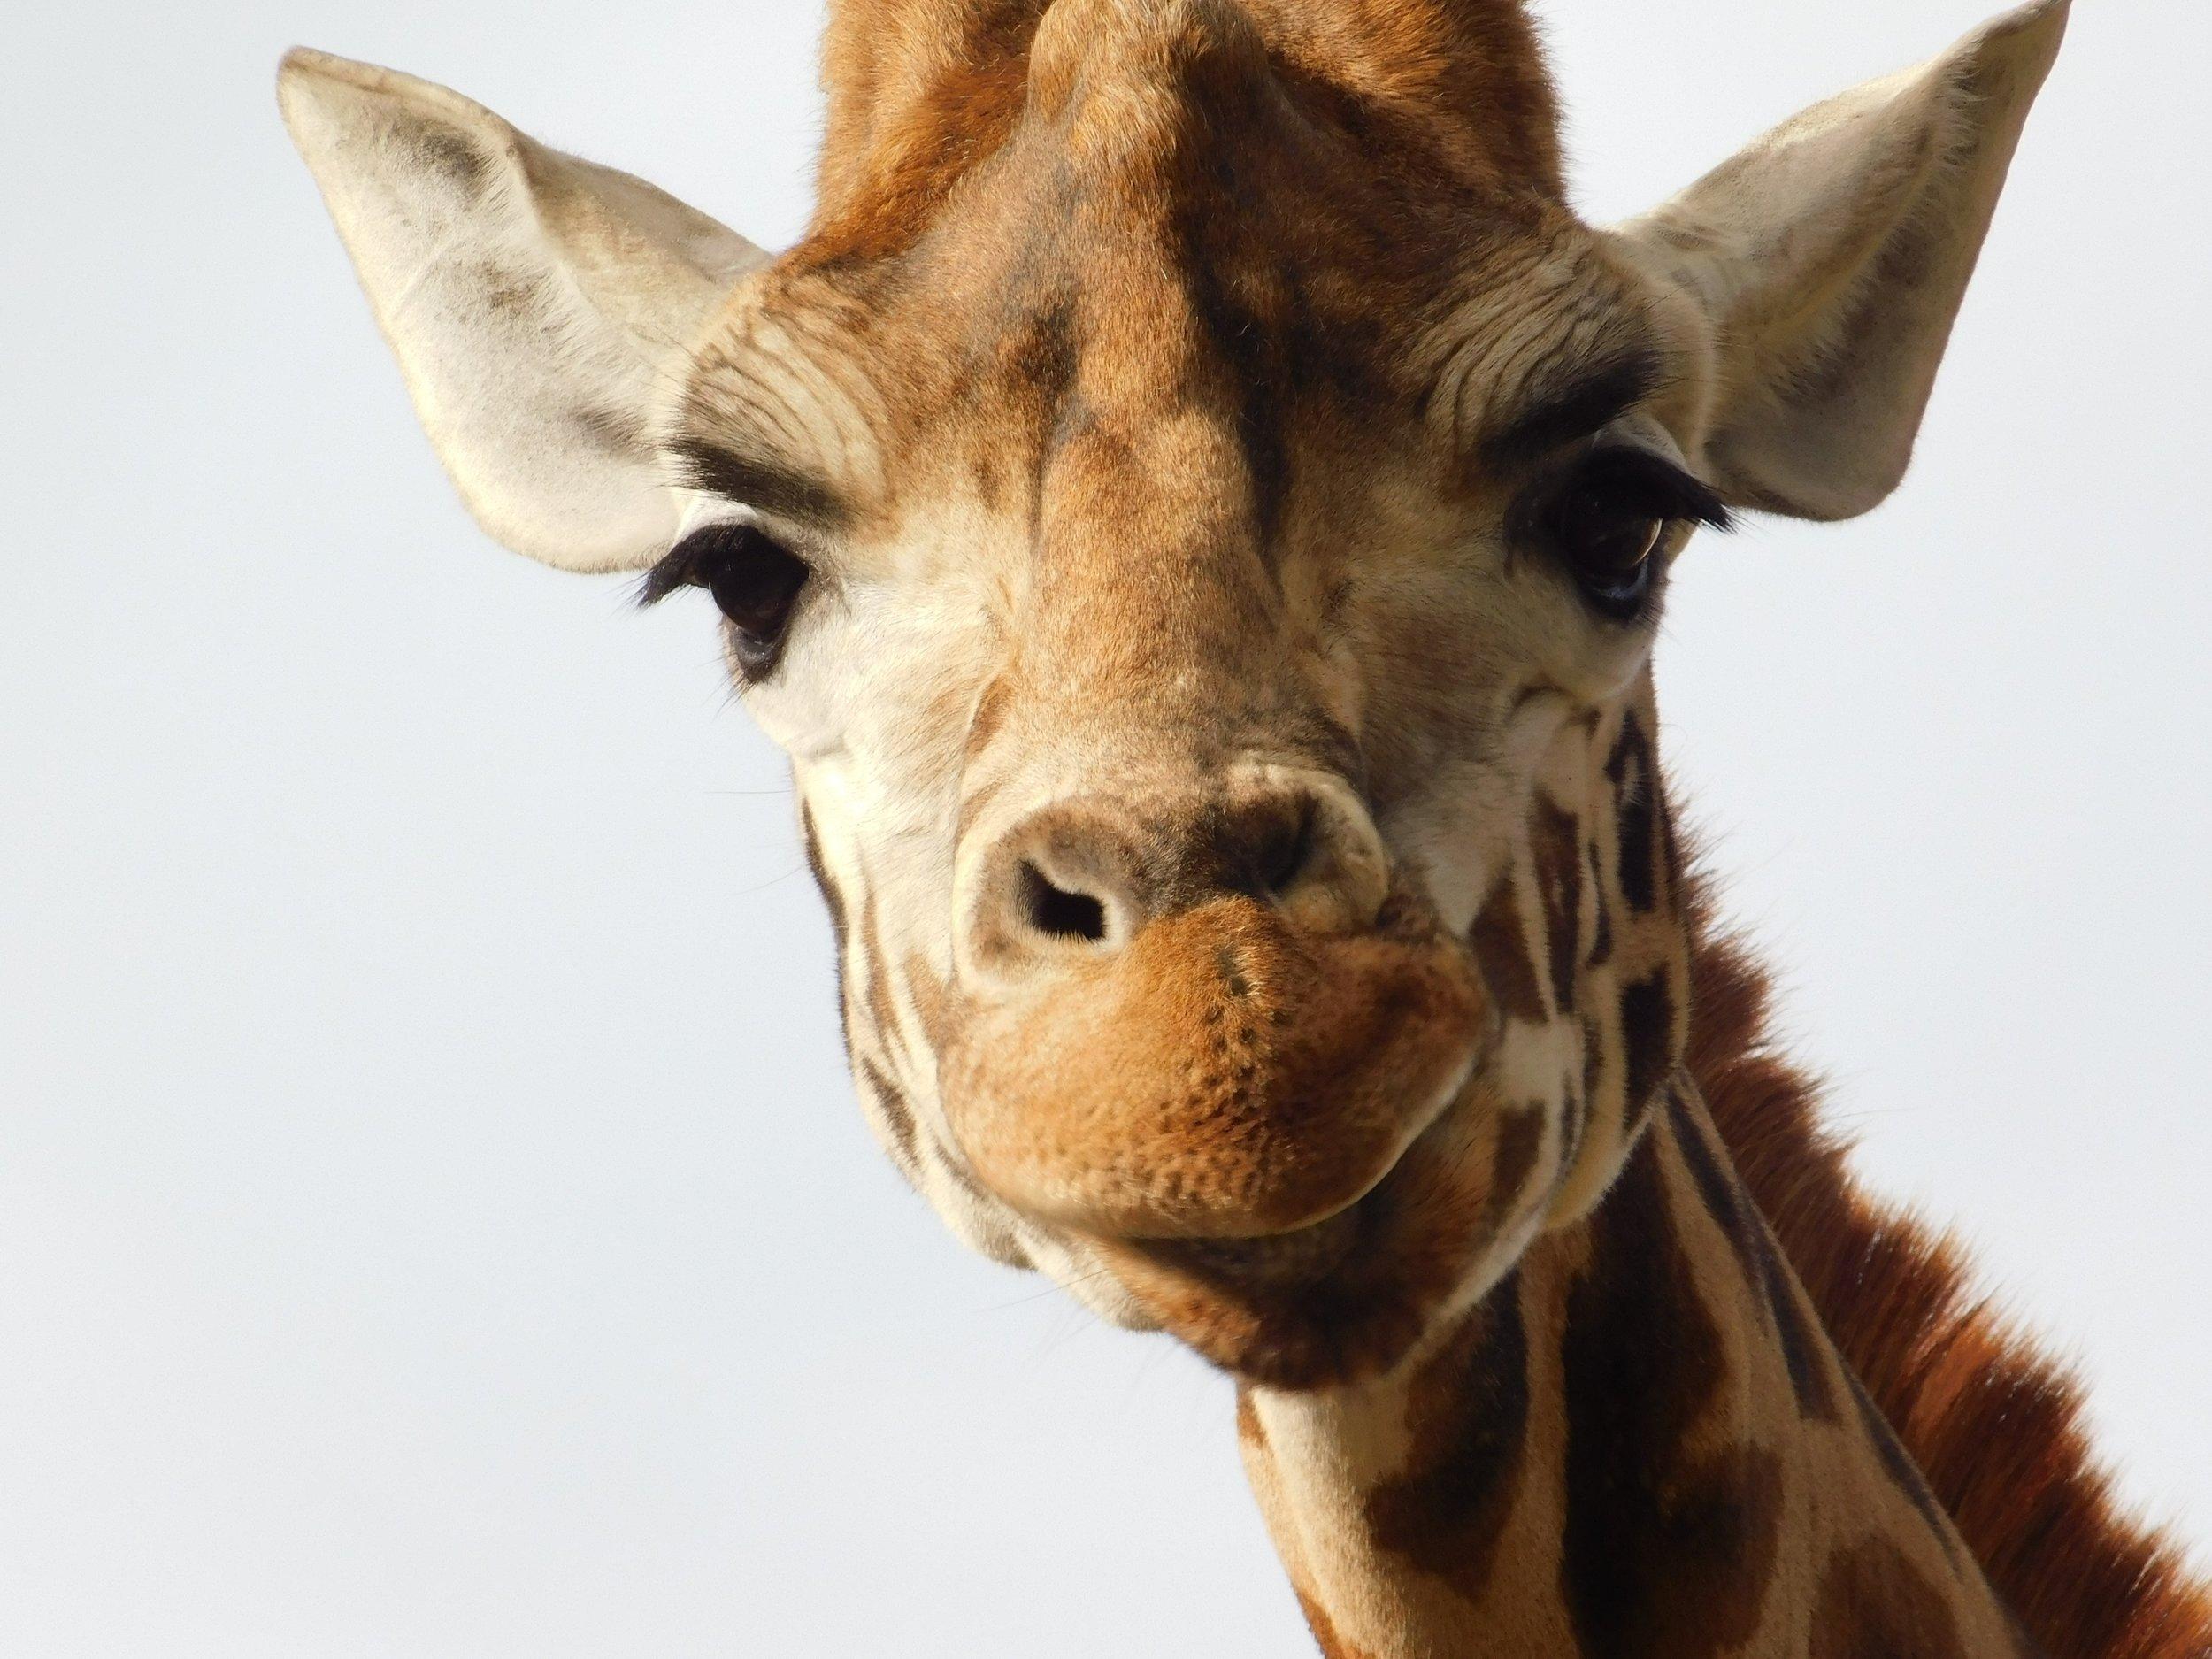 giraffe smile.jpg